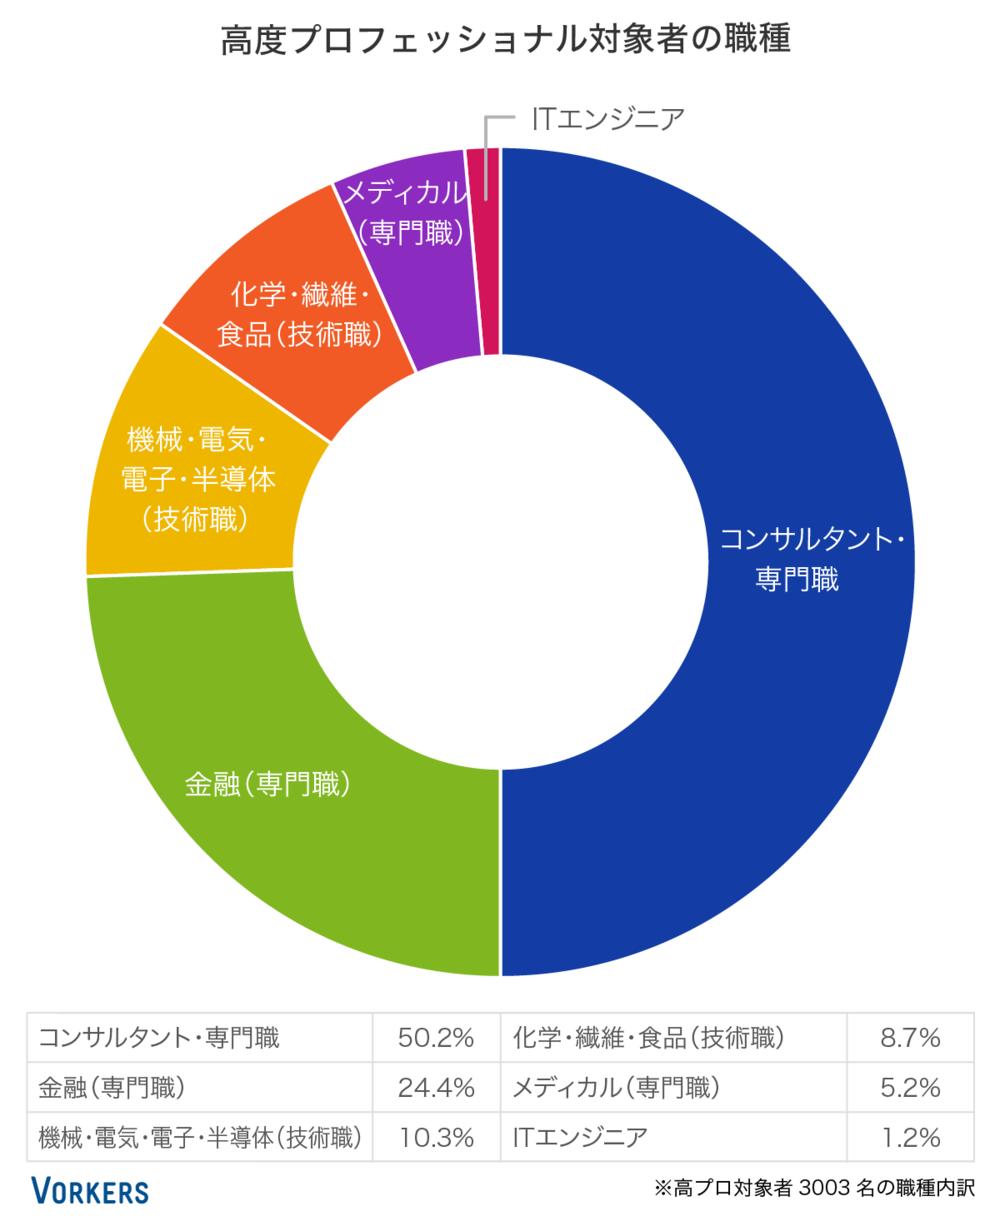 図表(3)高度プロフェッショナルの働き方